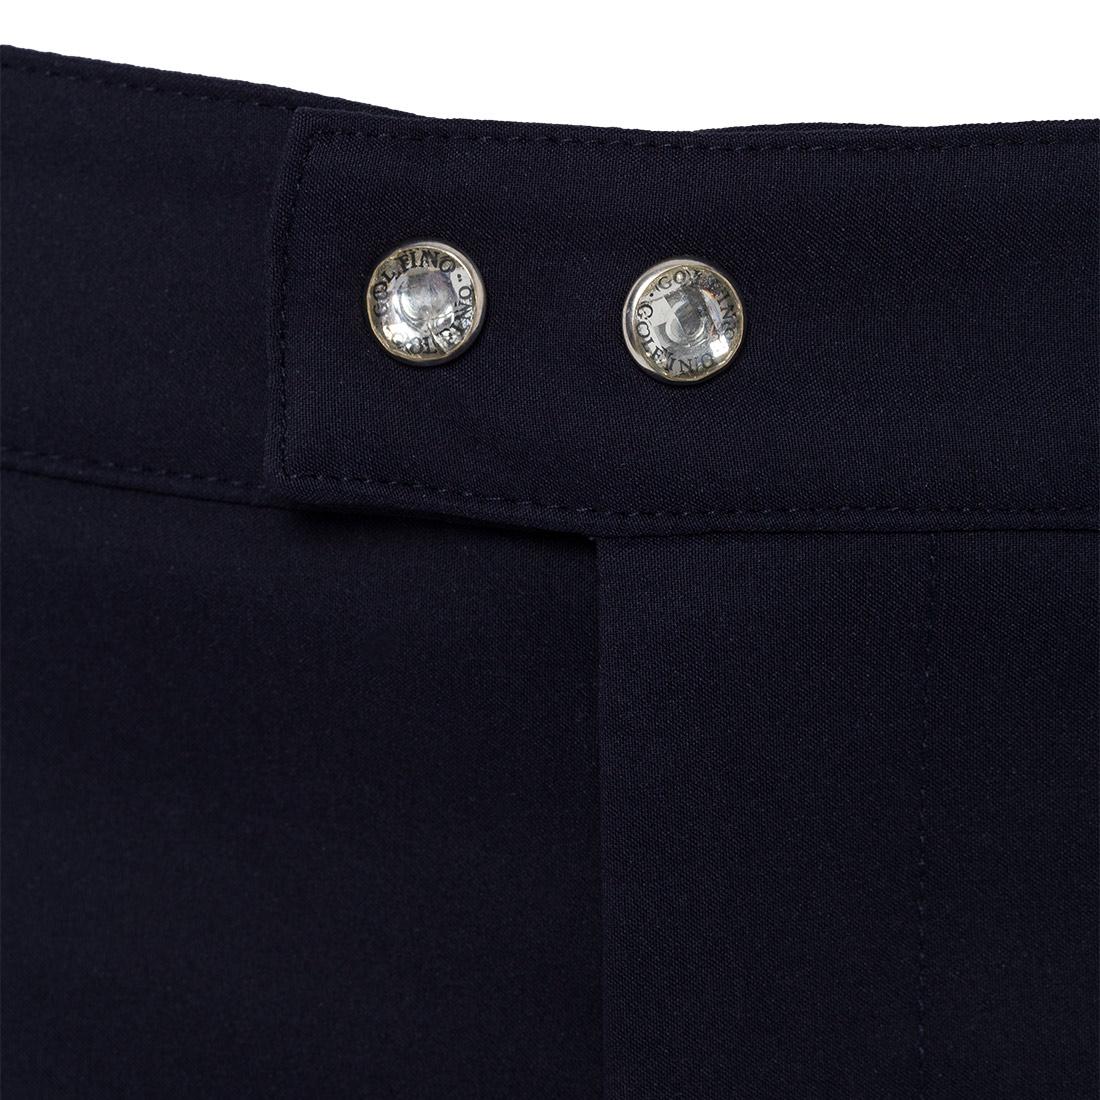 Damen Hose mit Ziernähten